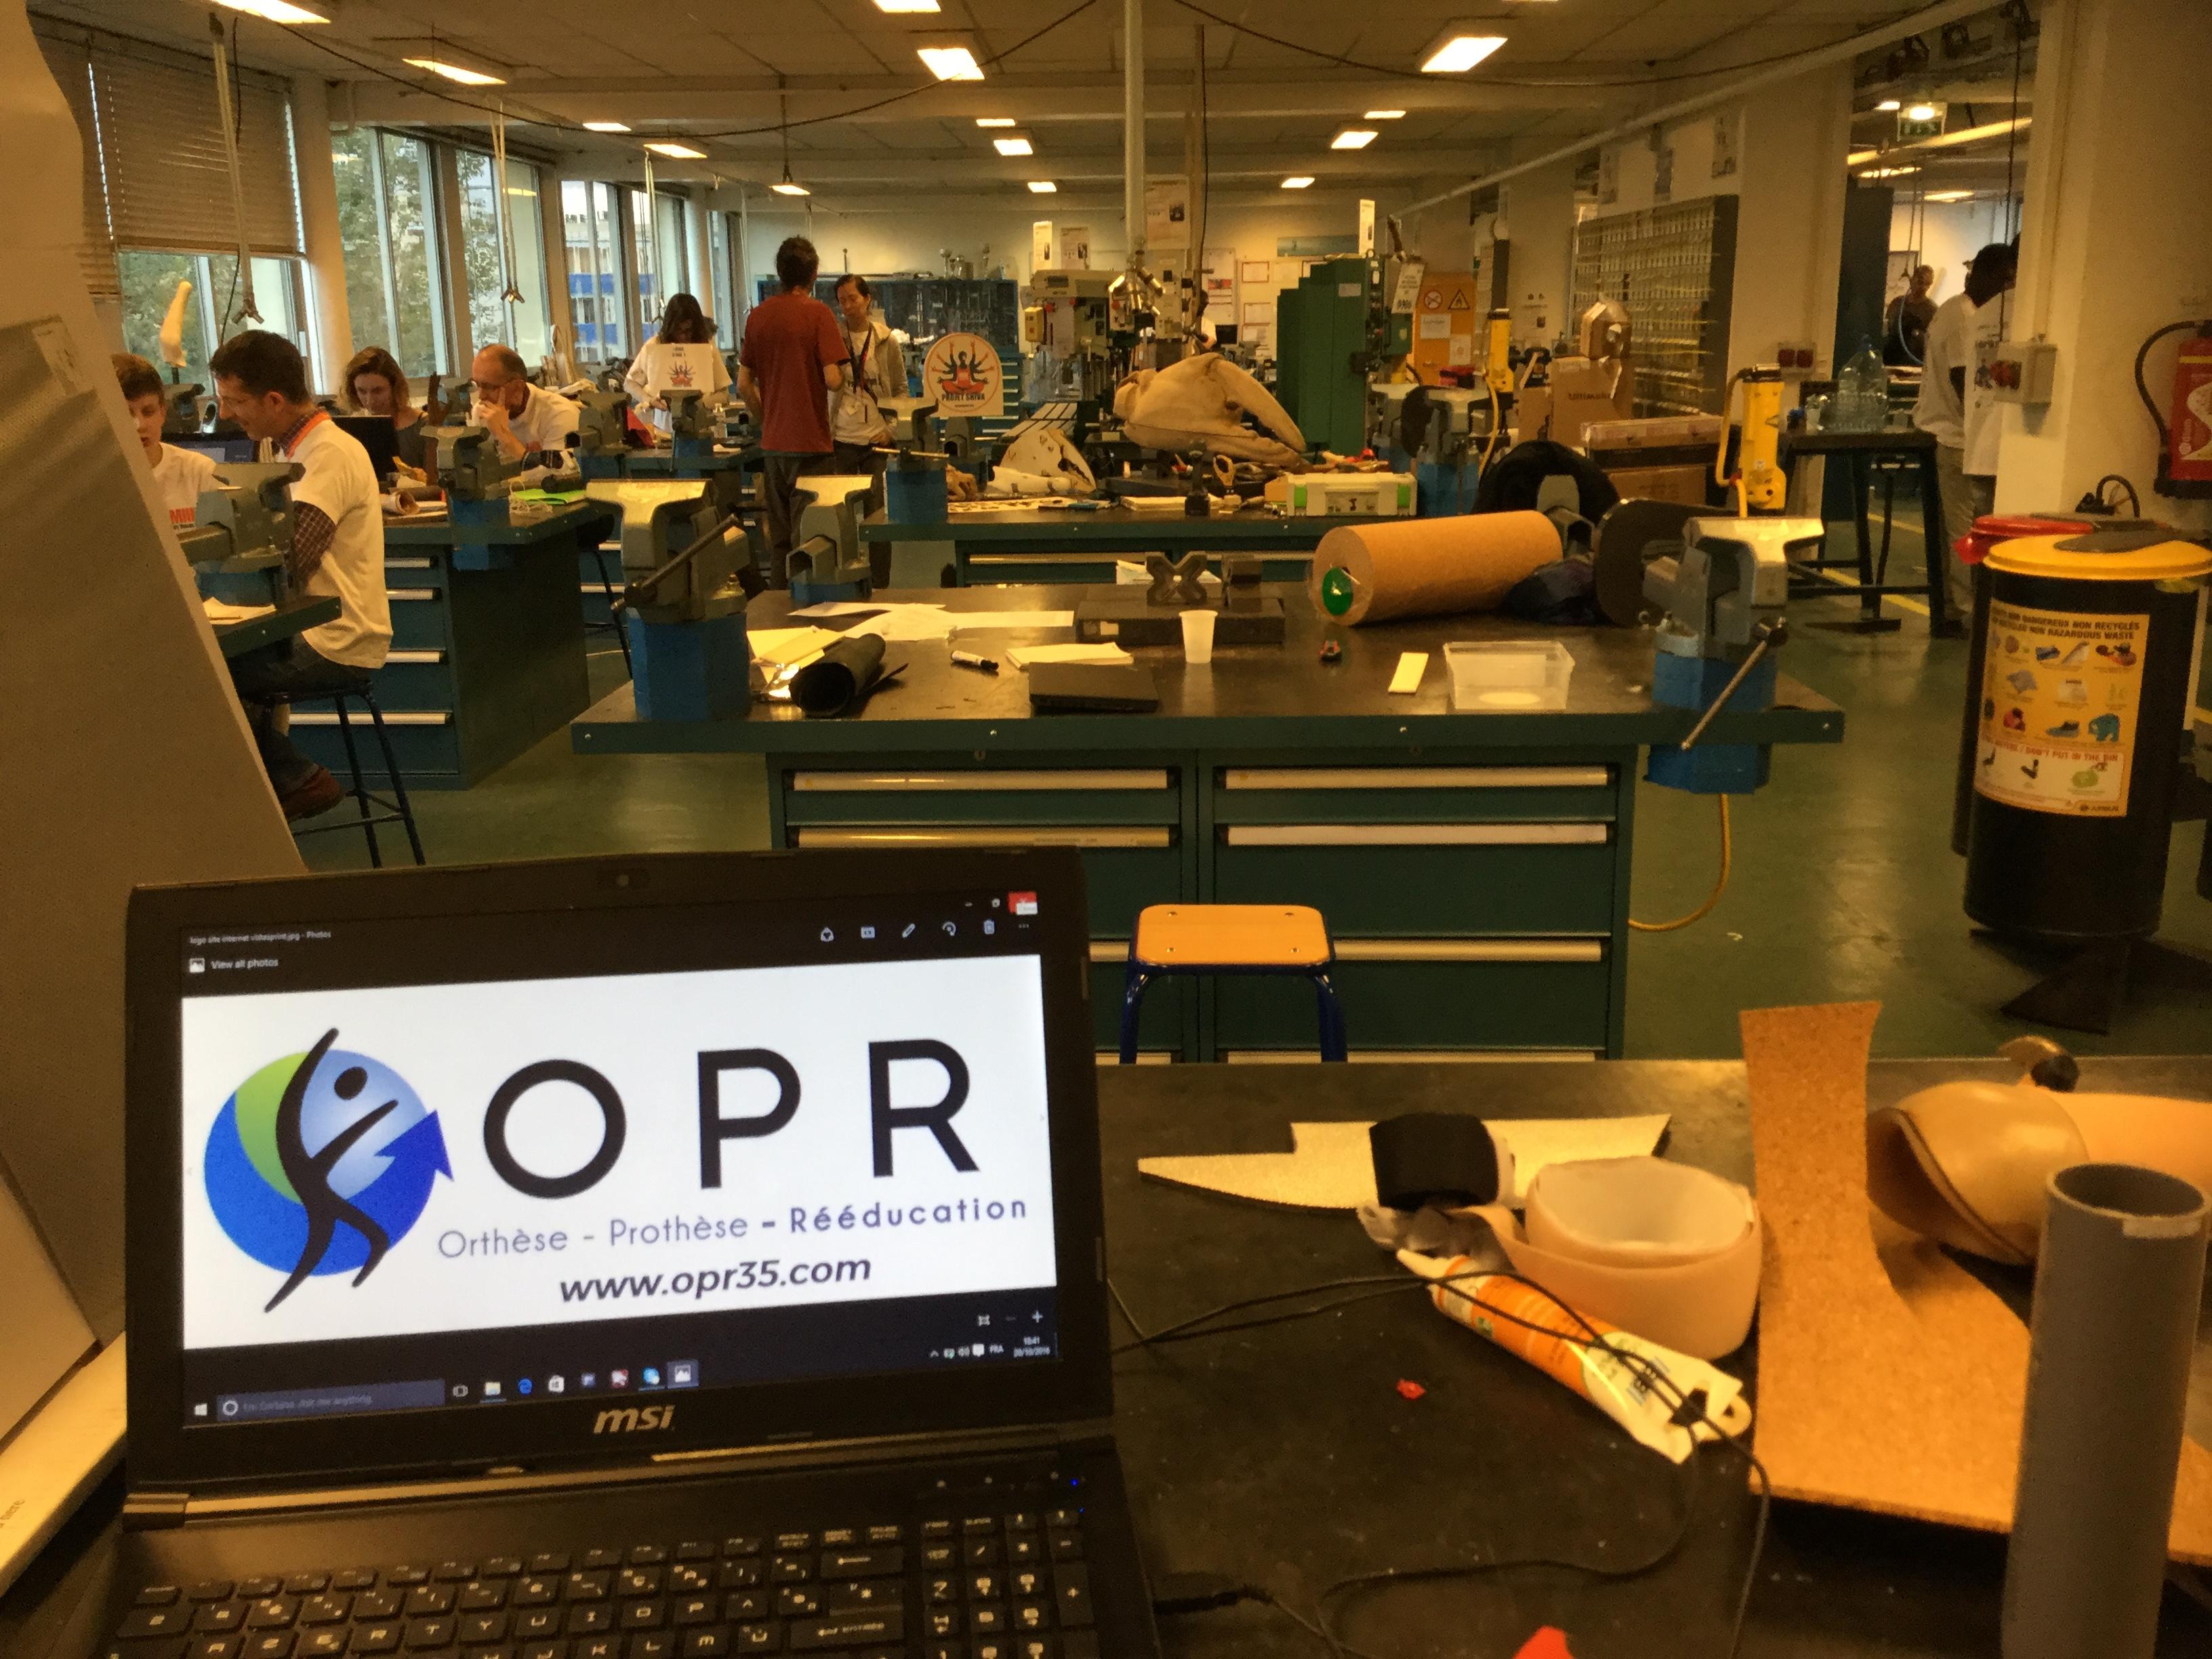 OPR était présent au fabrikarium de Toulouse